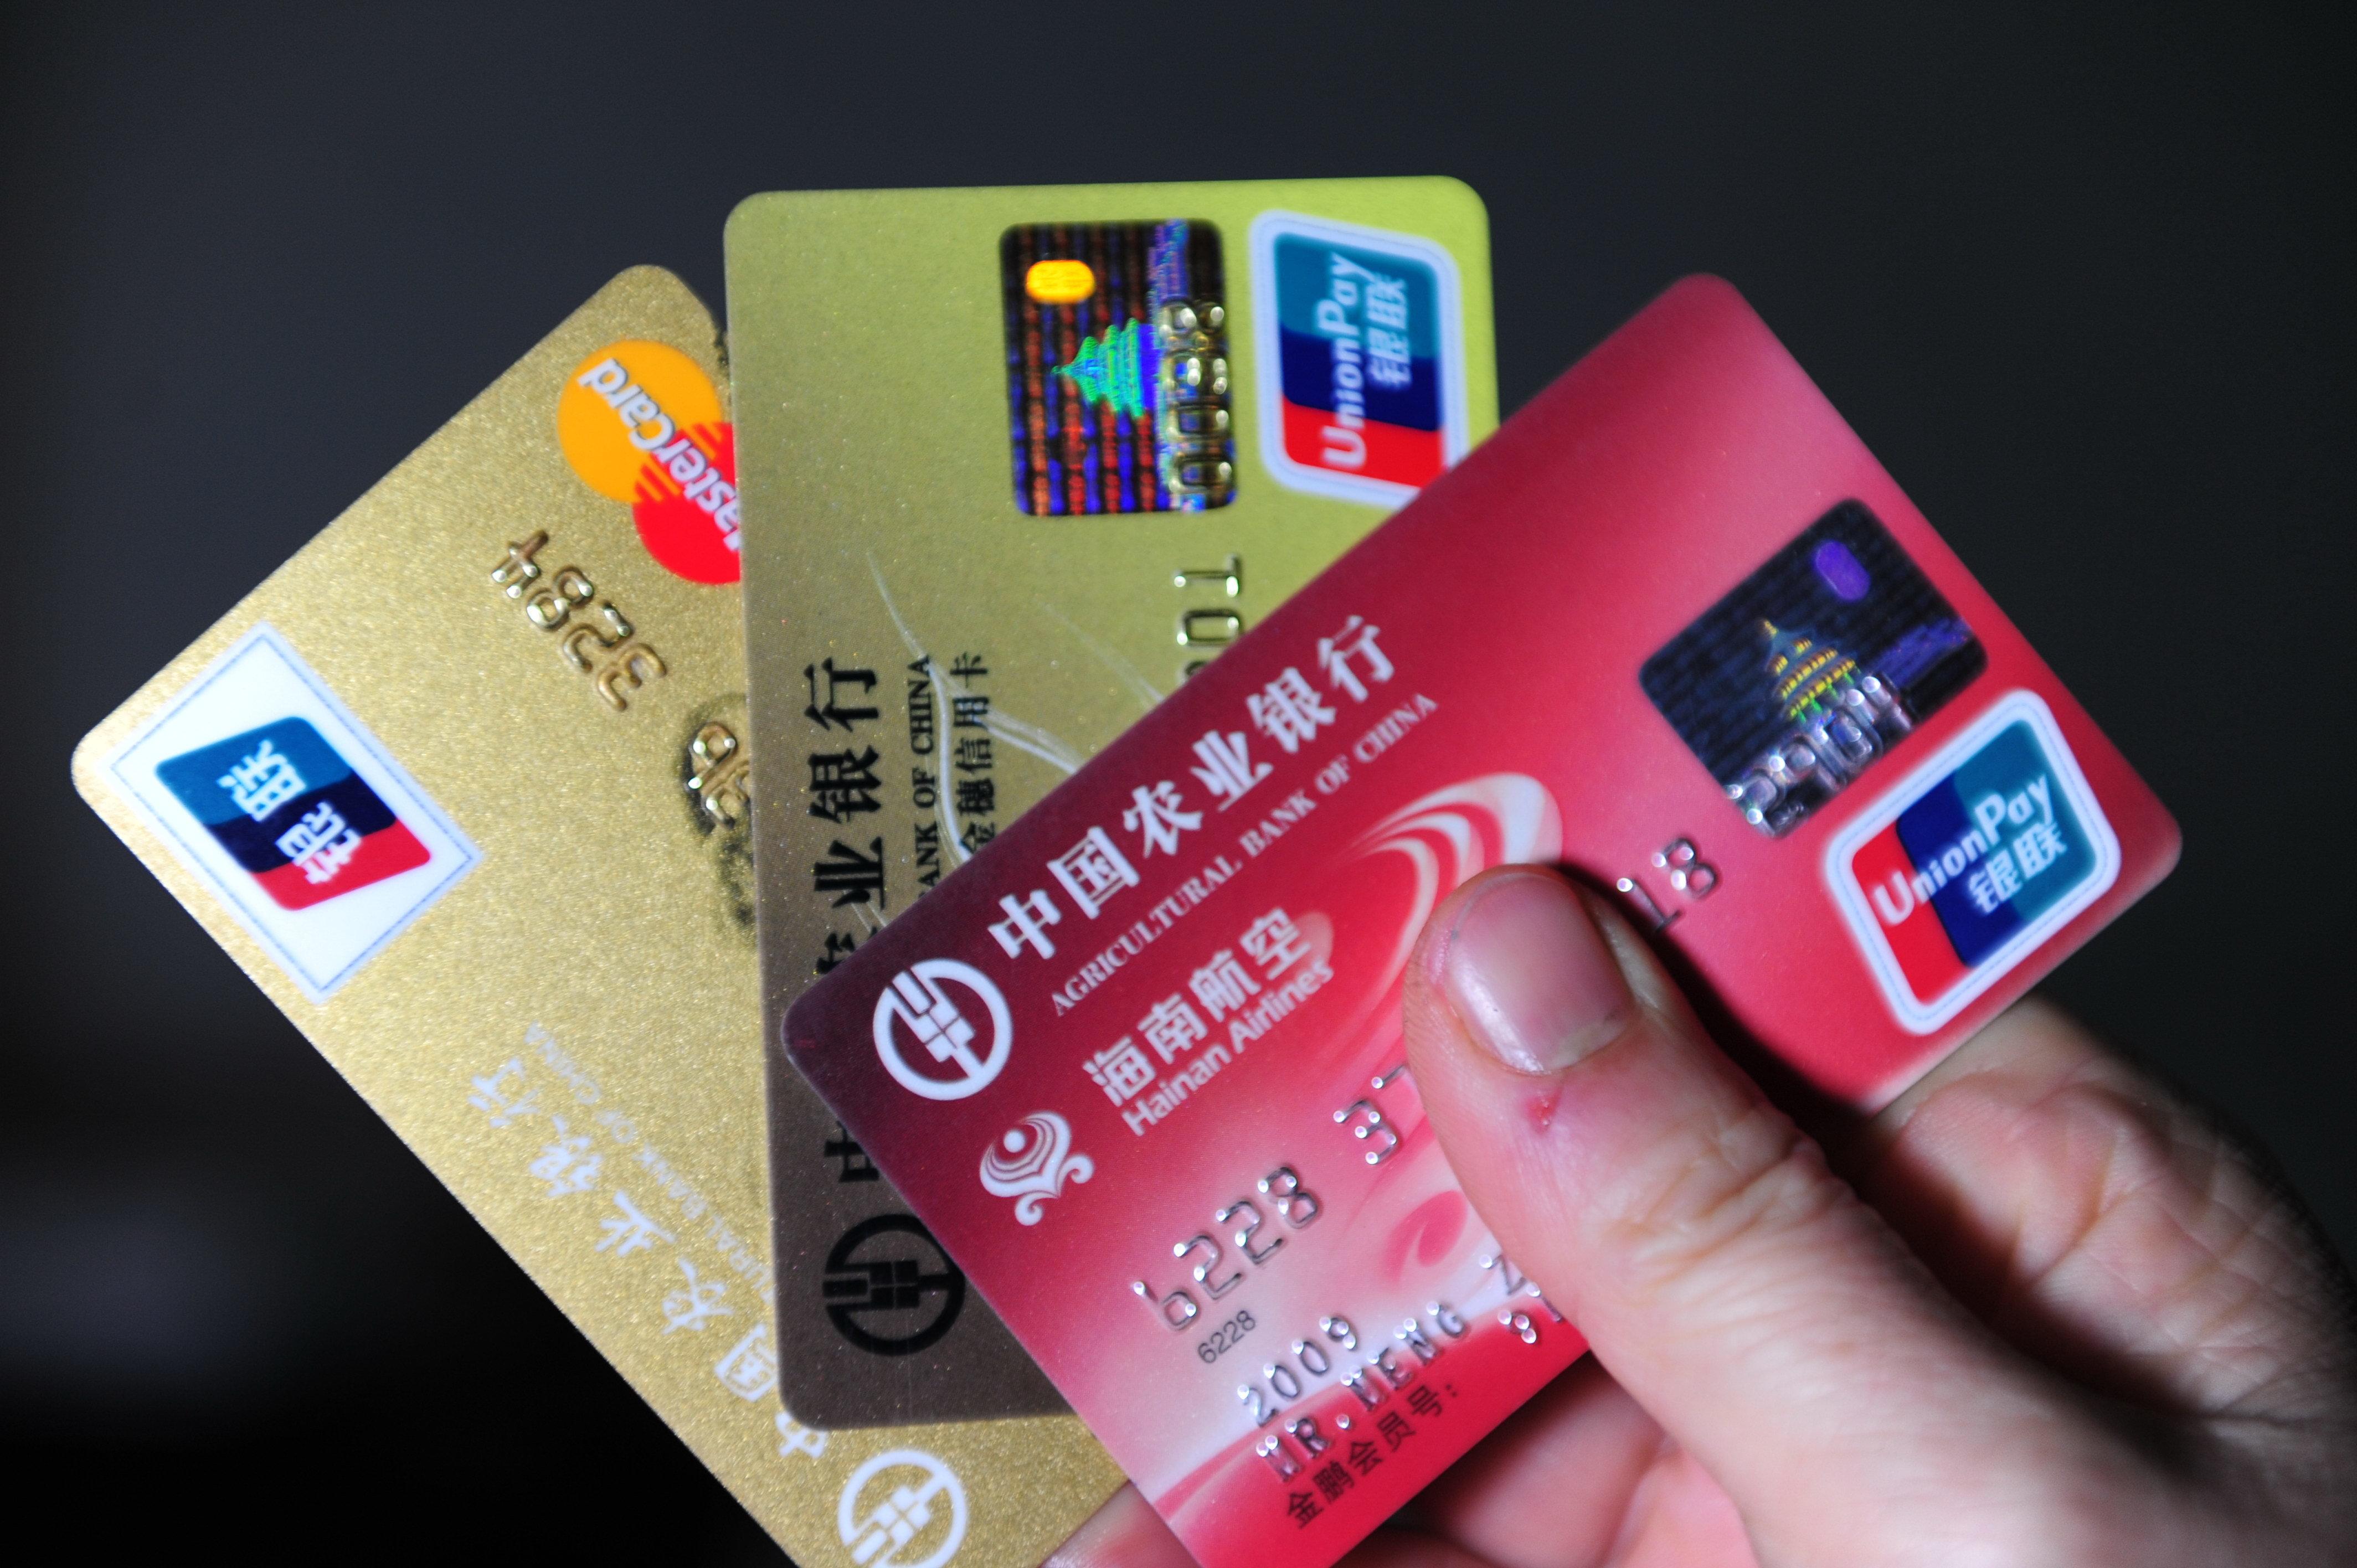 新出的信用卡中,哪几张最值得办?